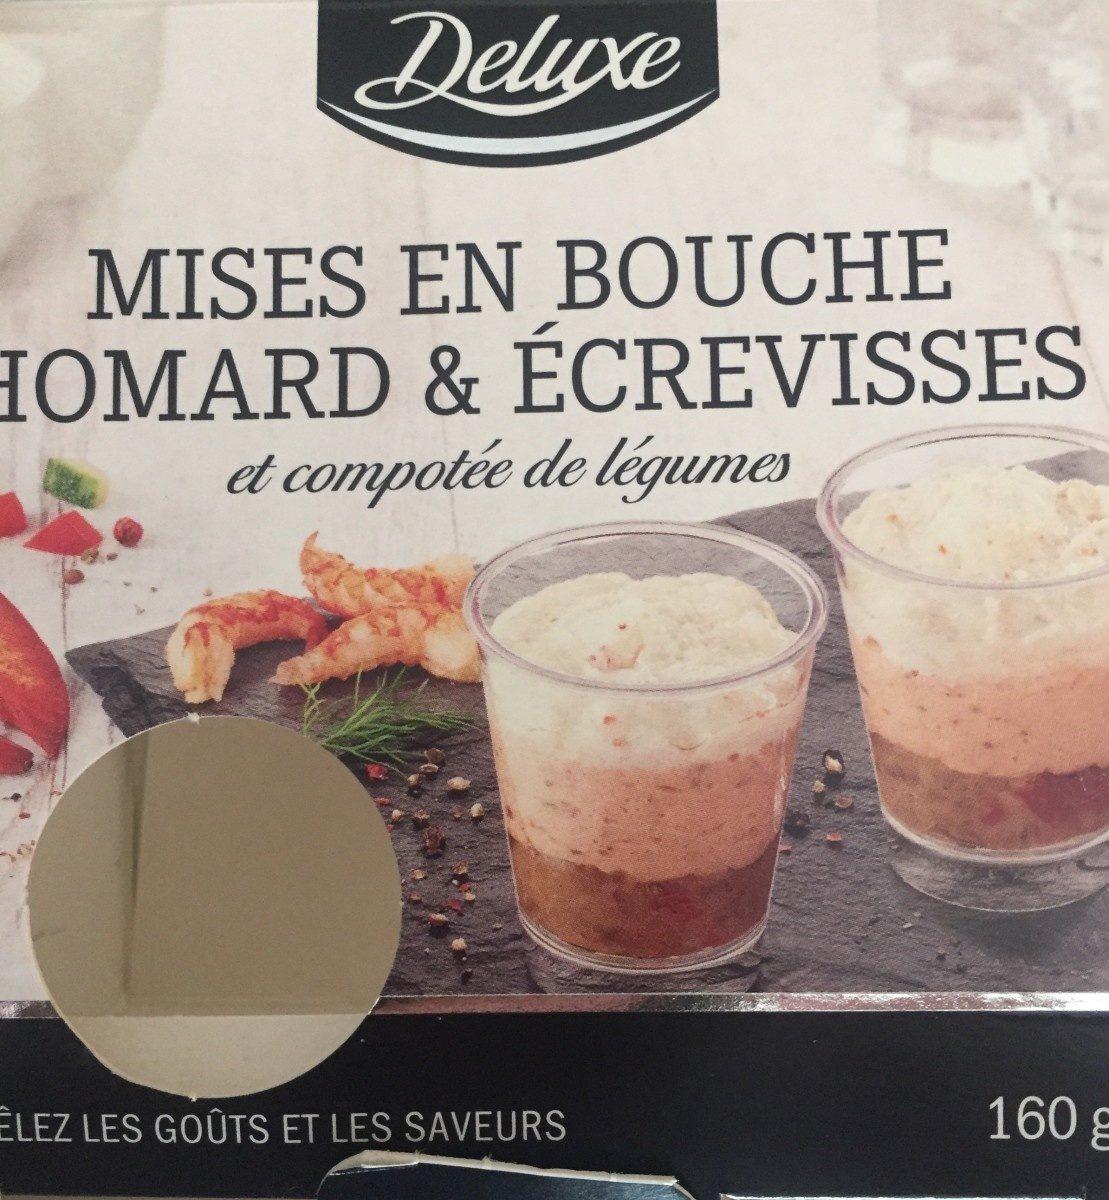 Mises en bouche homard et écrevisses et compotée de legumes - Product